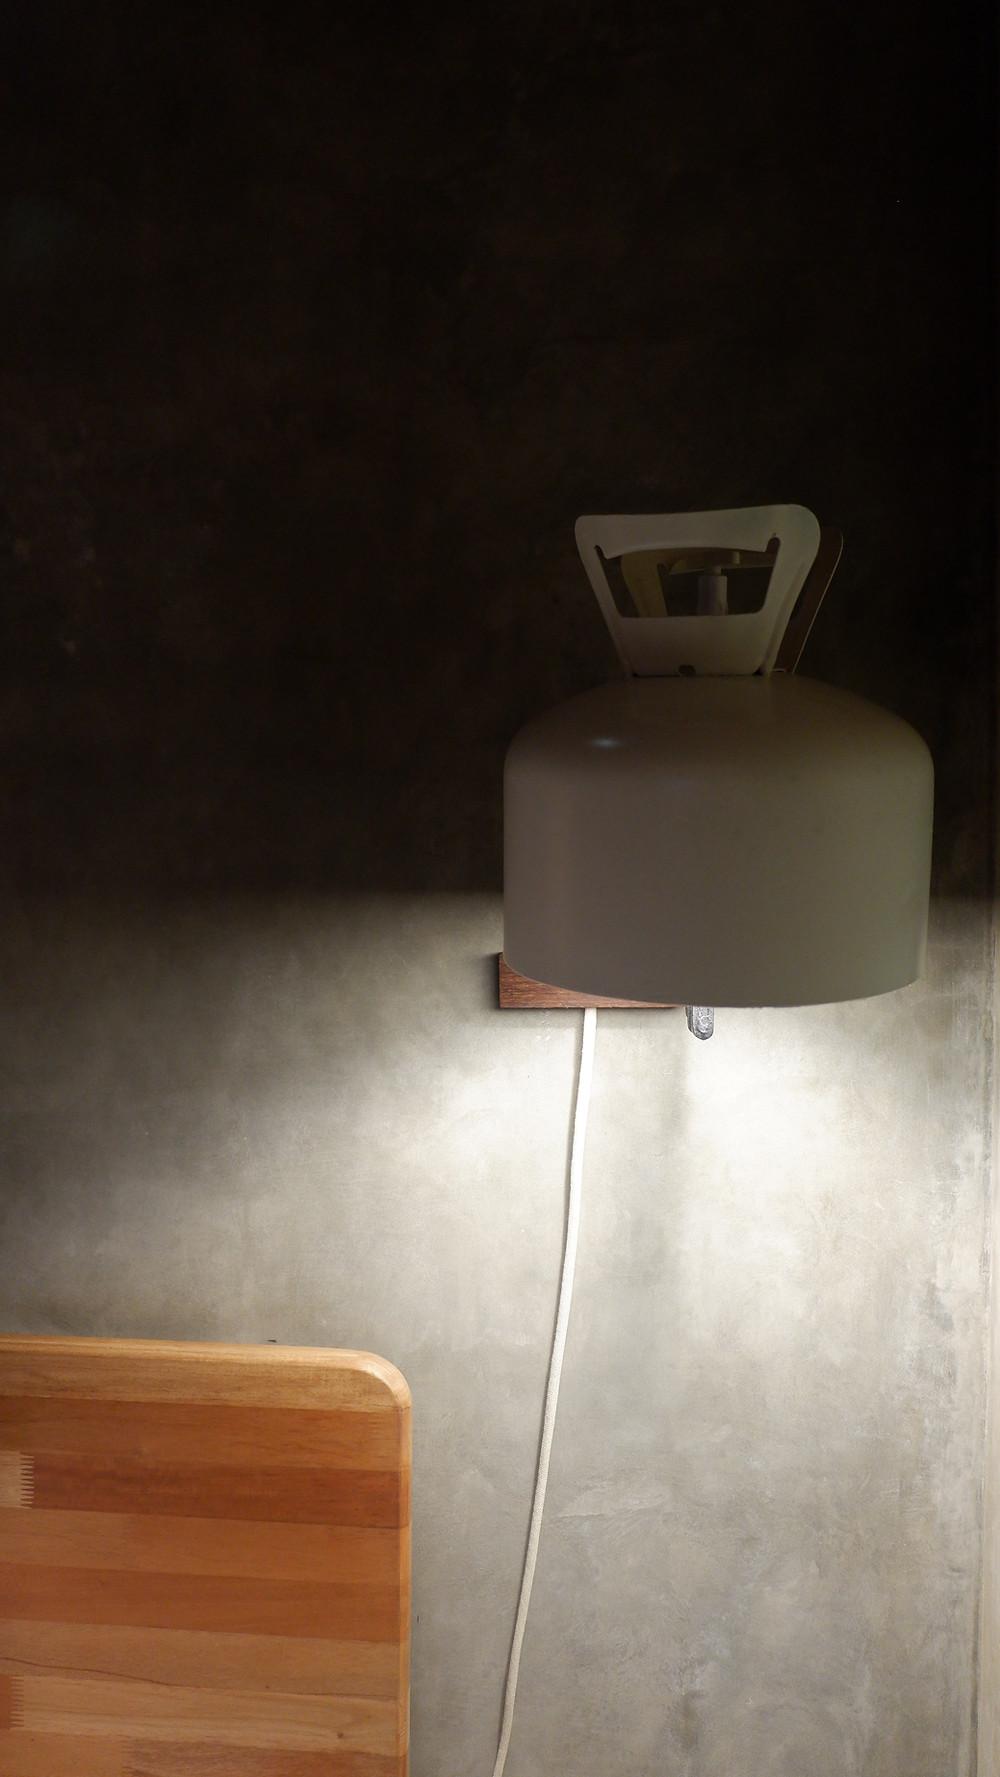 Tabung Gas 3 Kg sebagai Armatur Lampu di Kamar. (Image : K+AD Firma Arsitektur)